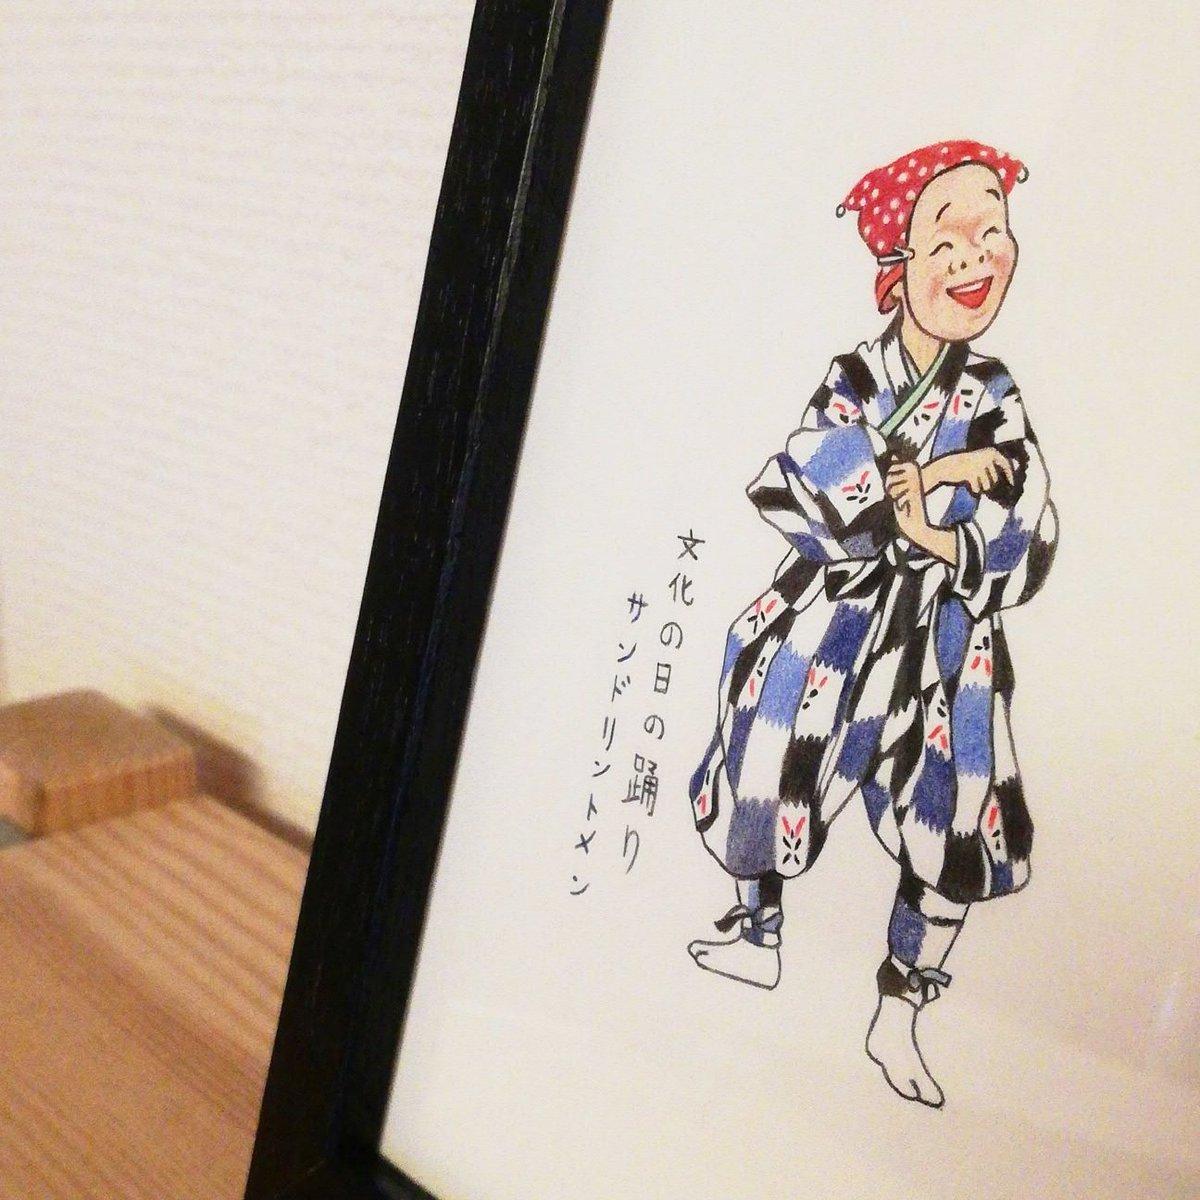 Child dancing #1 / 子供の踊り #1@SandrineThommen の #ImagesduJapon 展示は5月11日から7月13日まで。#exhibition #art #shinjuku #tokyo #japan #mimu #triplo #イラスト #トリプロ #ミム #クリエイティブラーニング #クリエイティブラーニング英会話 #英会話 #新宿御苑前 #新宿 #アート #展示